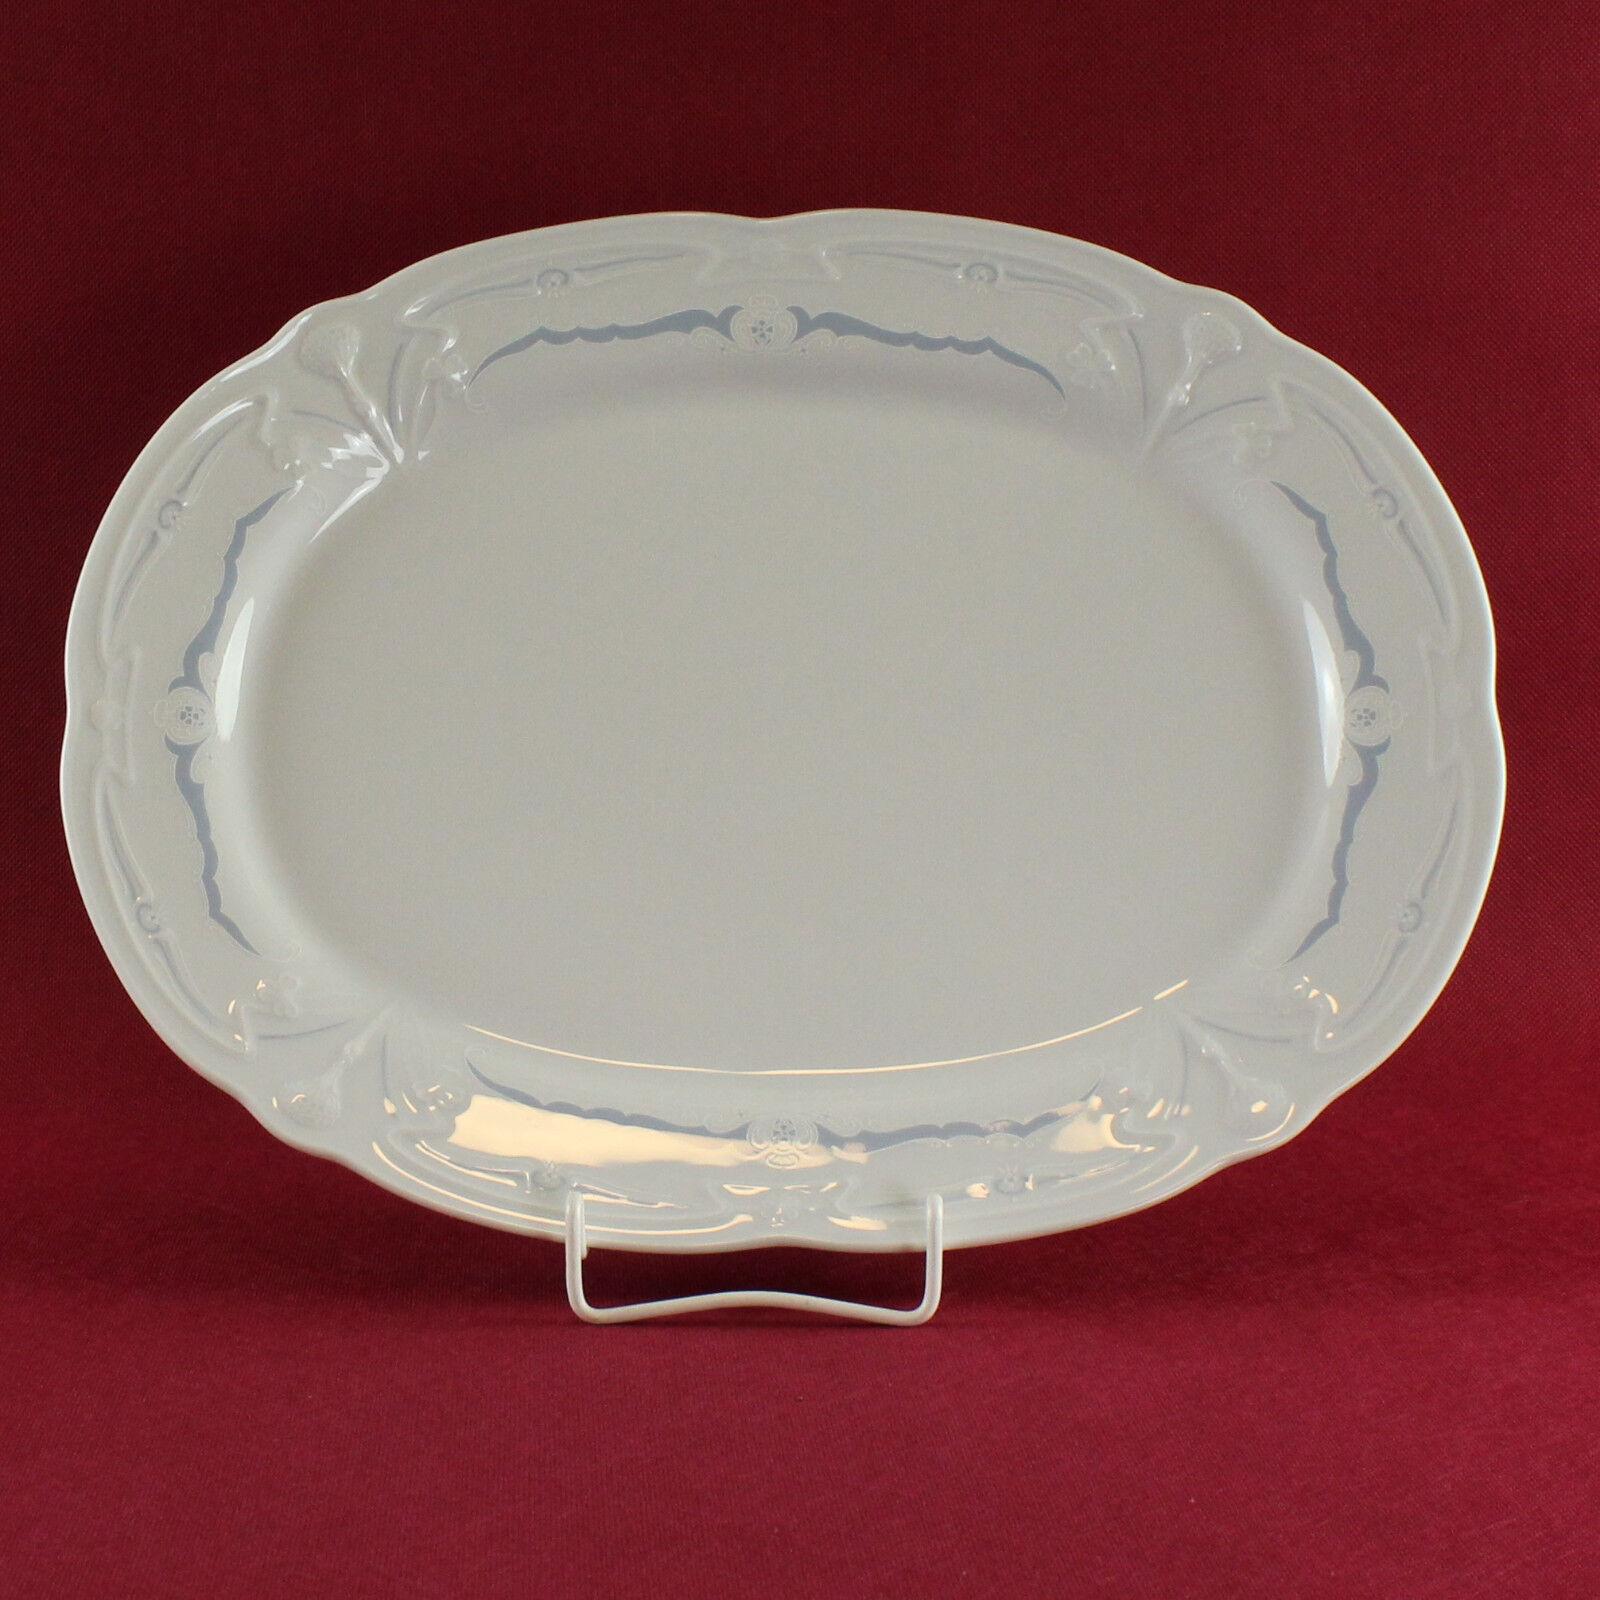 Platte oval 38 cm Tirschenreuth Fortuna Annabelle  Neu | Zahlreiche In Vielfalt